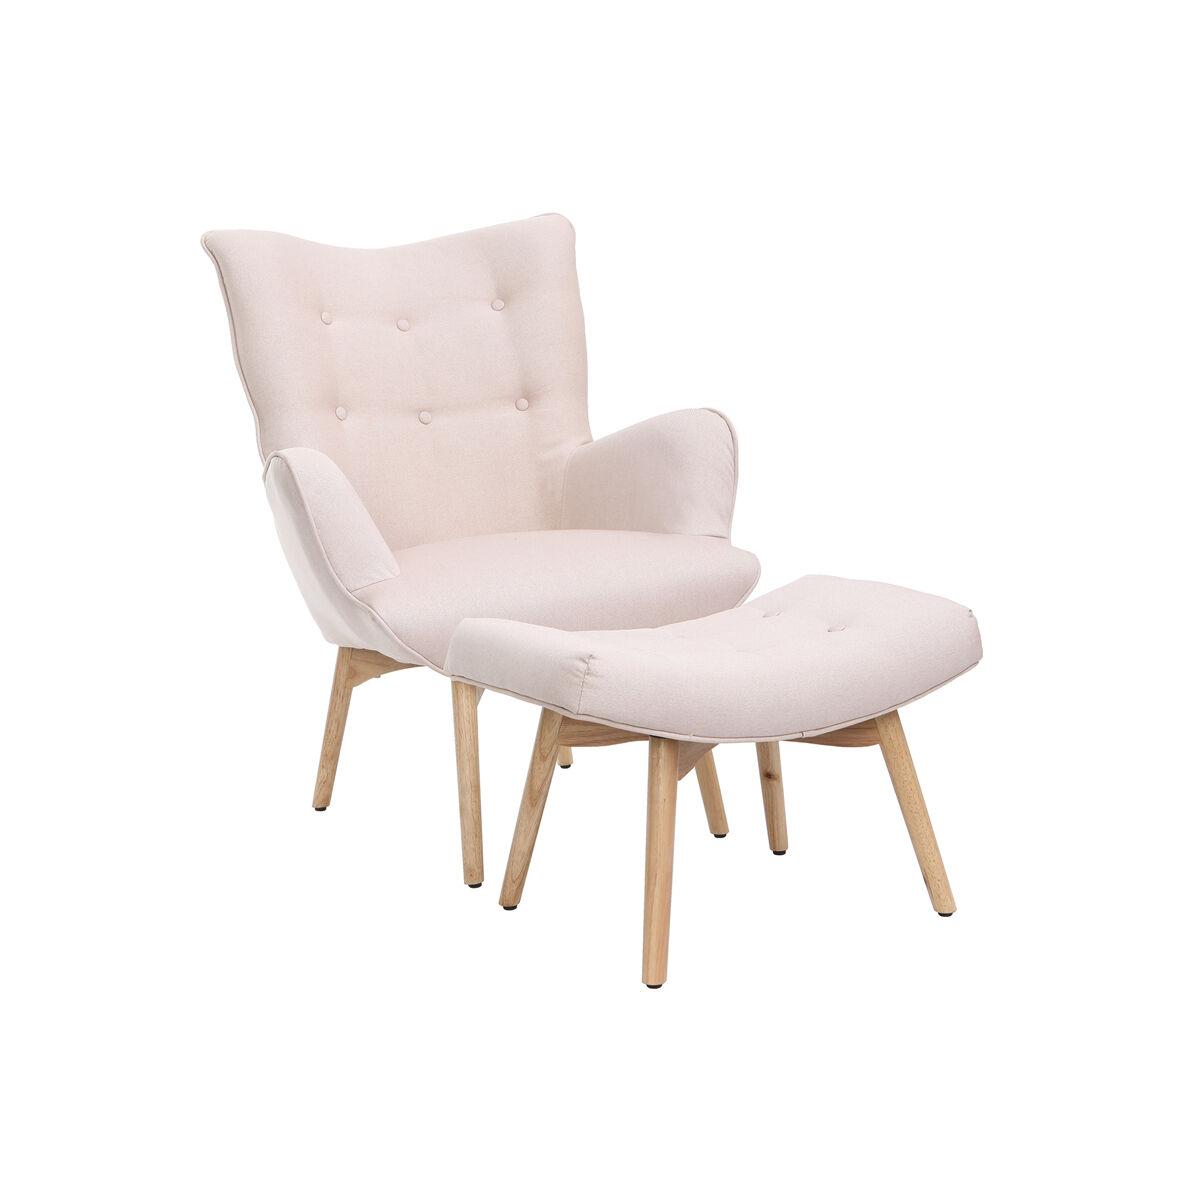 Miliboo Fauteuil design scandinave et son repose pied rose poudré et bois clair BRISTOL